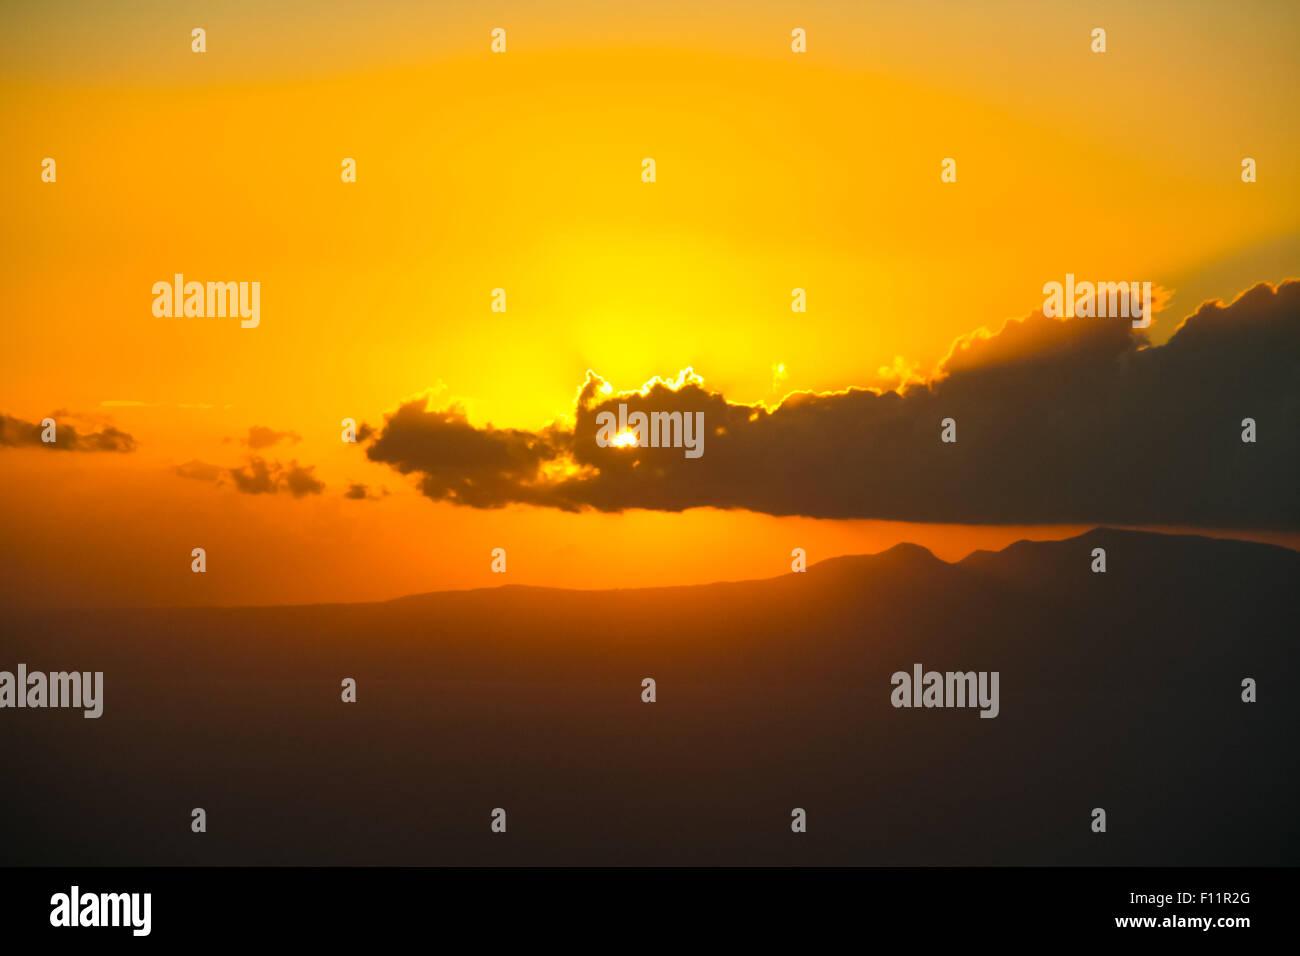 Sun looking like the dragon eye. - Stock Image